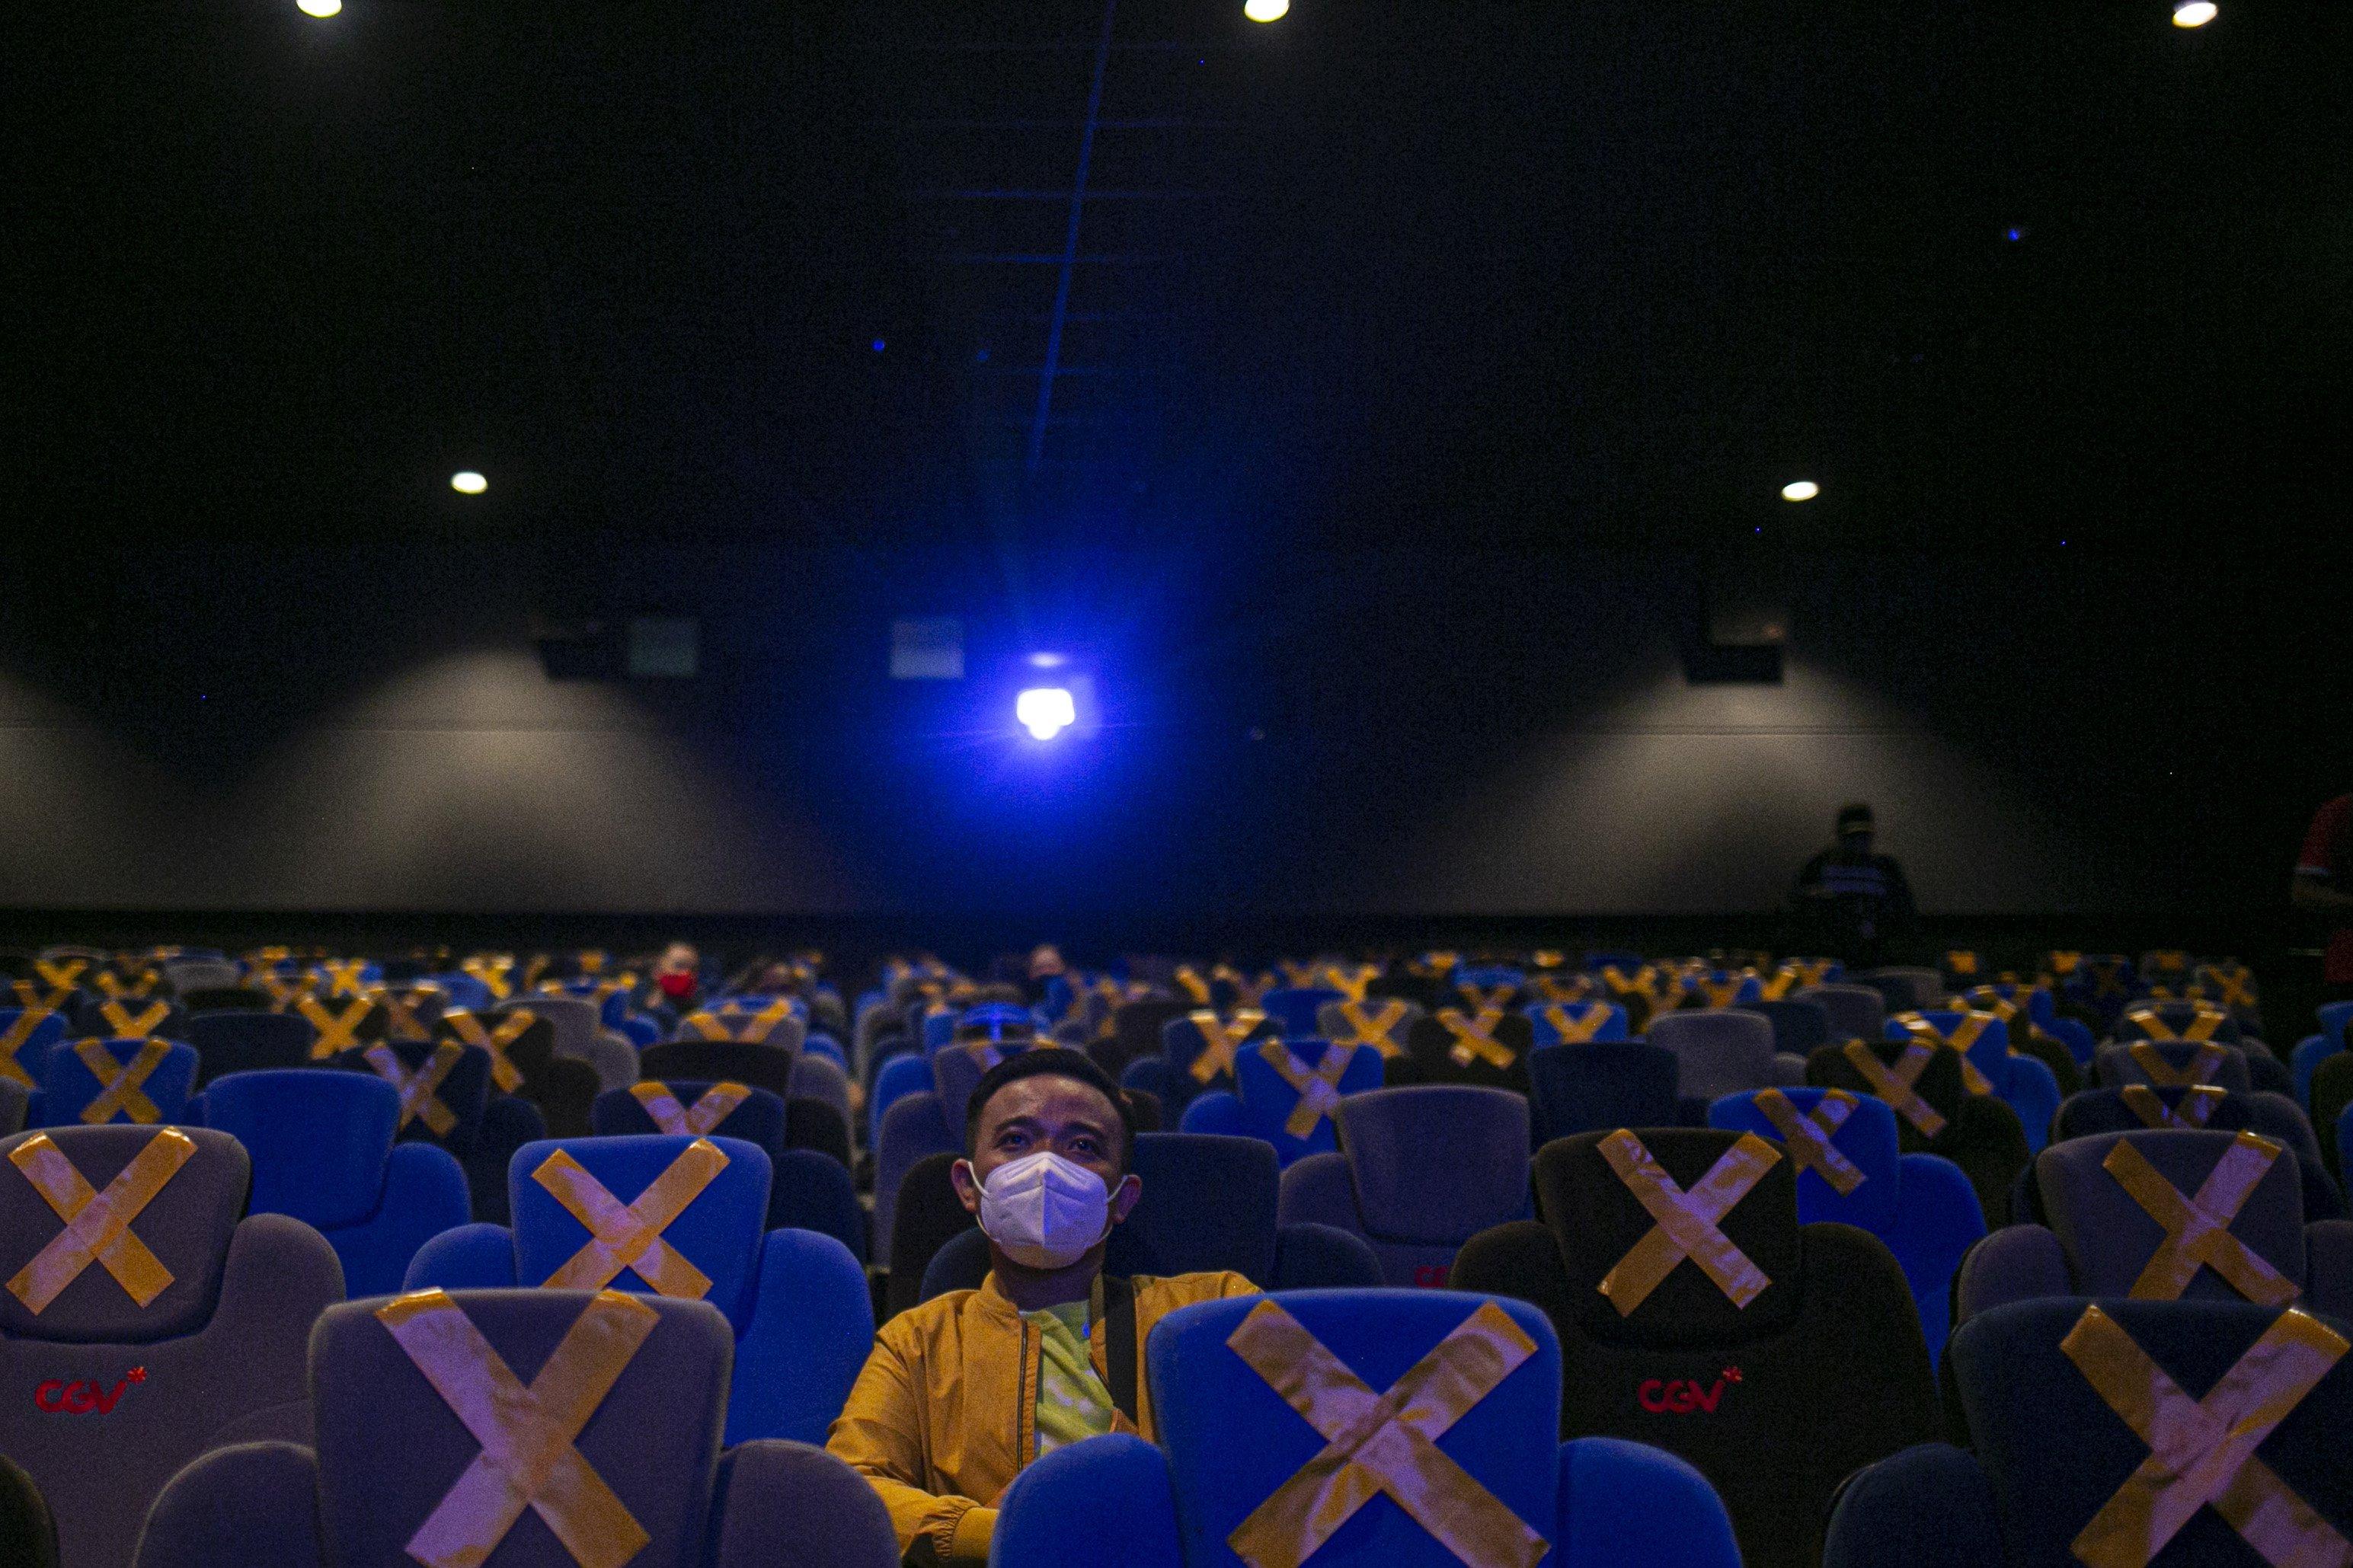 Pengunjung menonton film di bioskop CGV Grand Indonesia Jakarta Pusat, Rabu, (21/10/2020). Sejumlah bioskop di Ibu Kota kembali beroperasi per hari Rabu (21/10/2020) setelah mendapatkan izin dari Pemprov DKI Jakarta dengan jumlah penonton dibatasi maksimal 25 persen dari total kapasitas. Pihak bioskop menerapkan protokol kesehatan yang ketat dan tidak memperkenankan pengunjung untuk makan di dalam ruang bioskop.